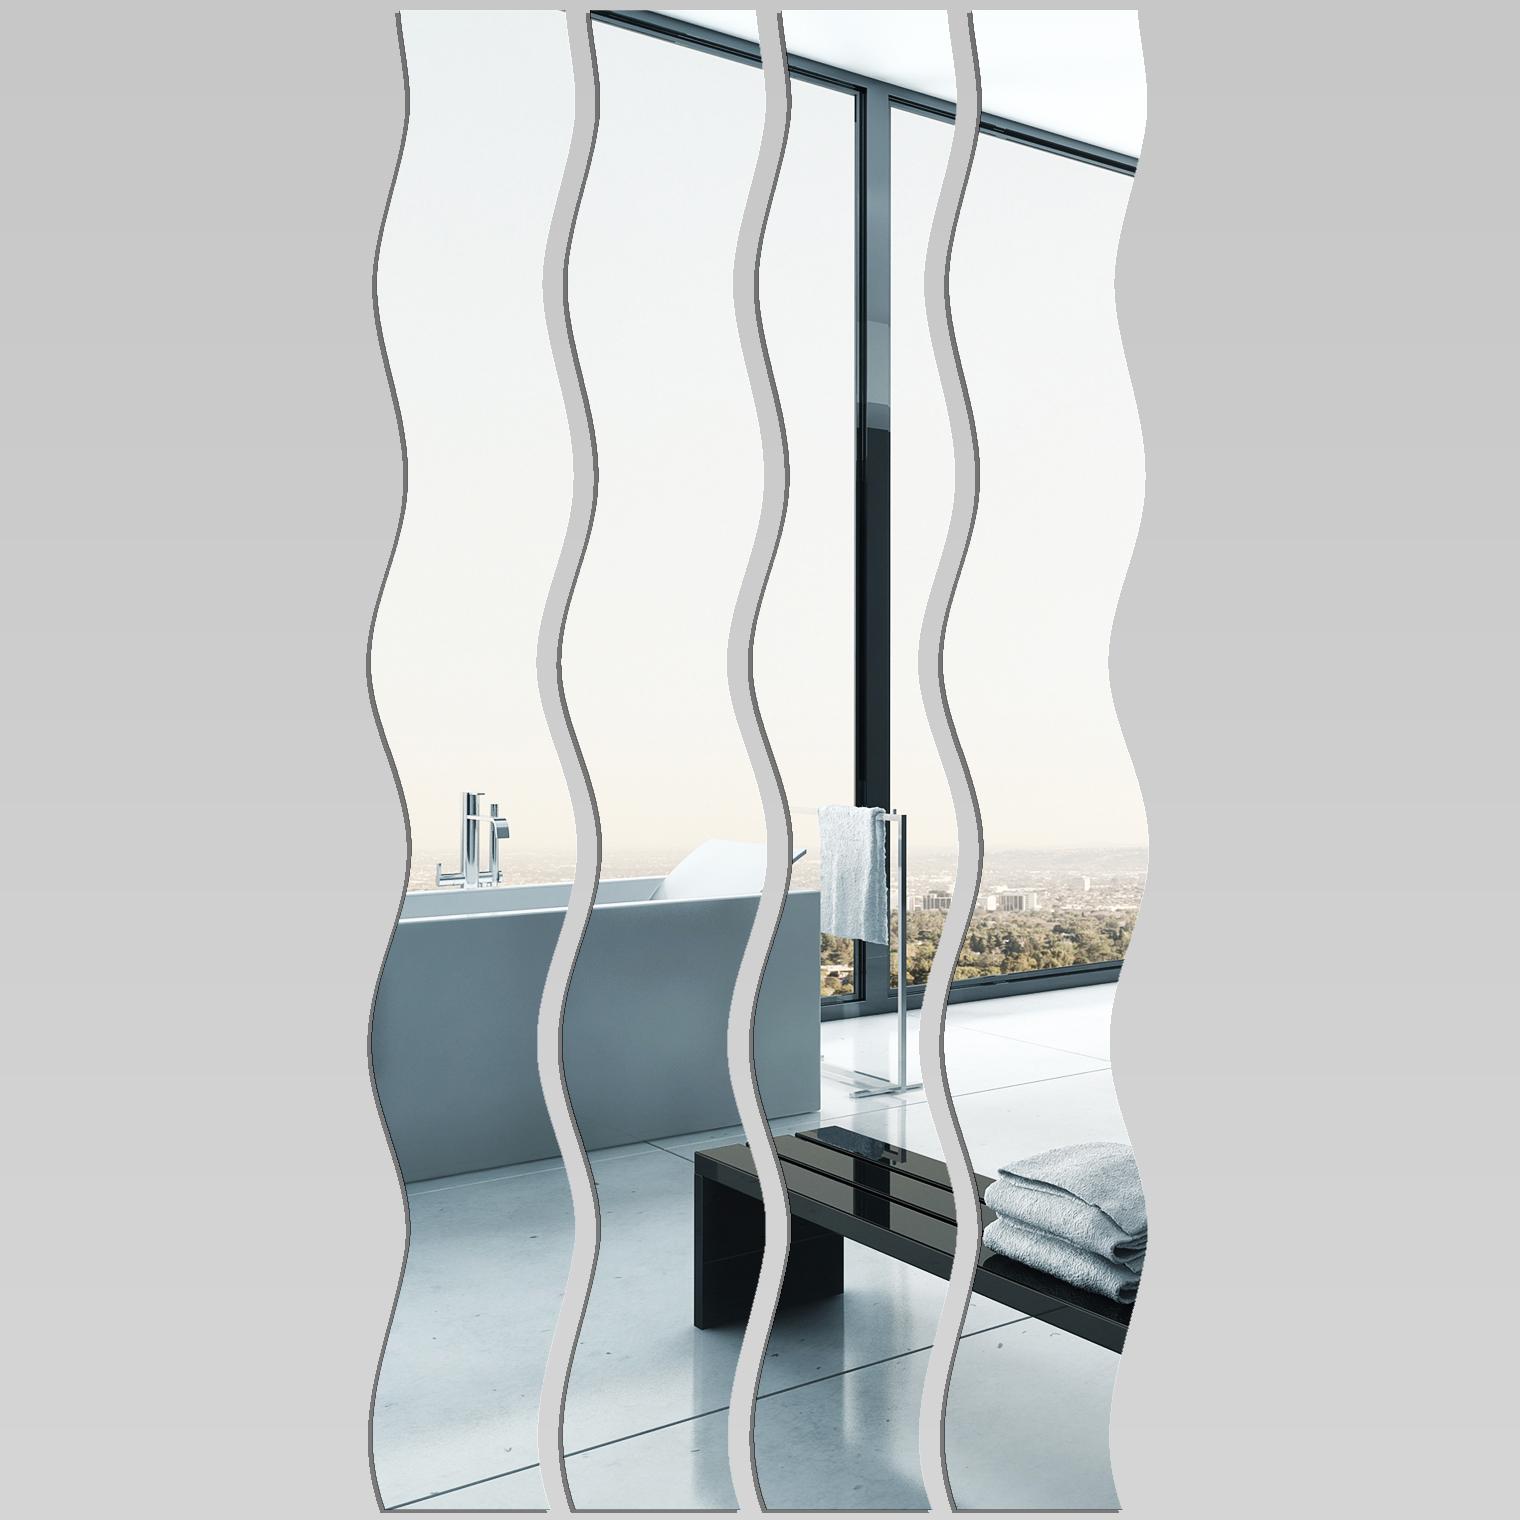 Miroir plexiglass acrylique verticales 1 pas cher for Miroir acrylique